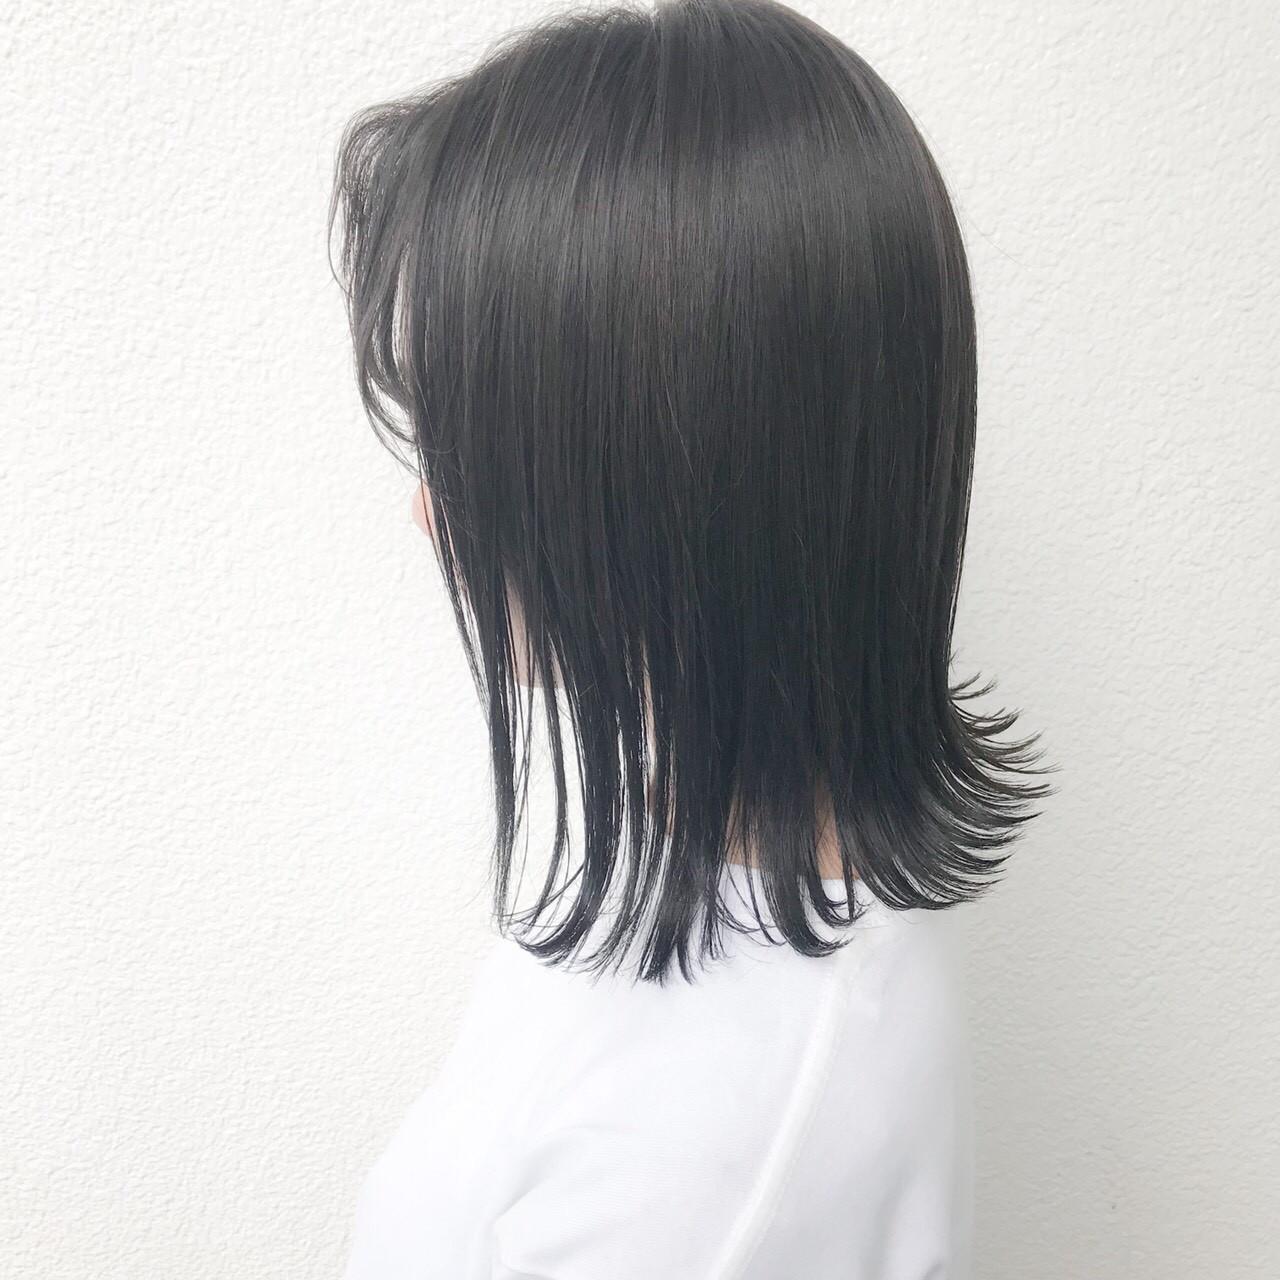 ナチュラル 外国人風カラー ボブ アッシュ ヘアスタイルや髪型の写真・画像